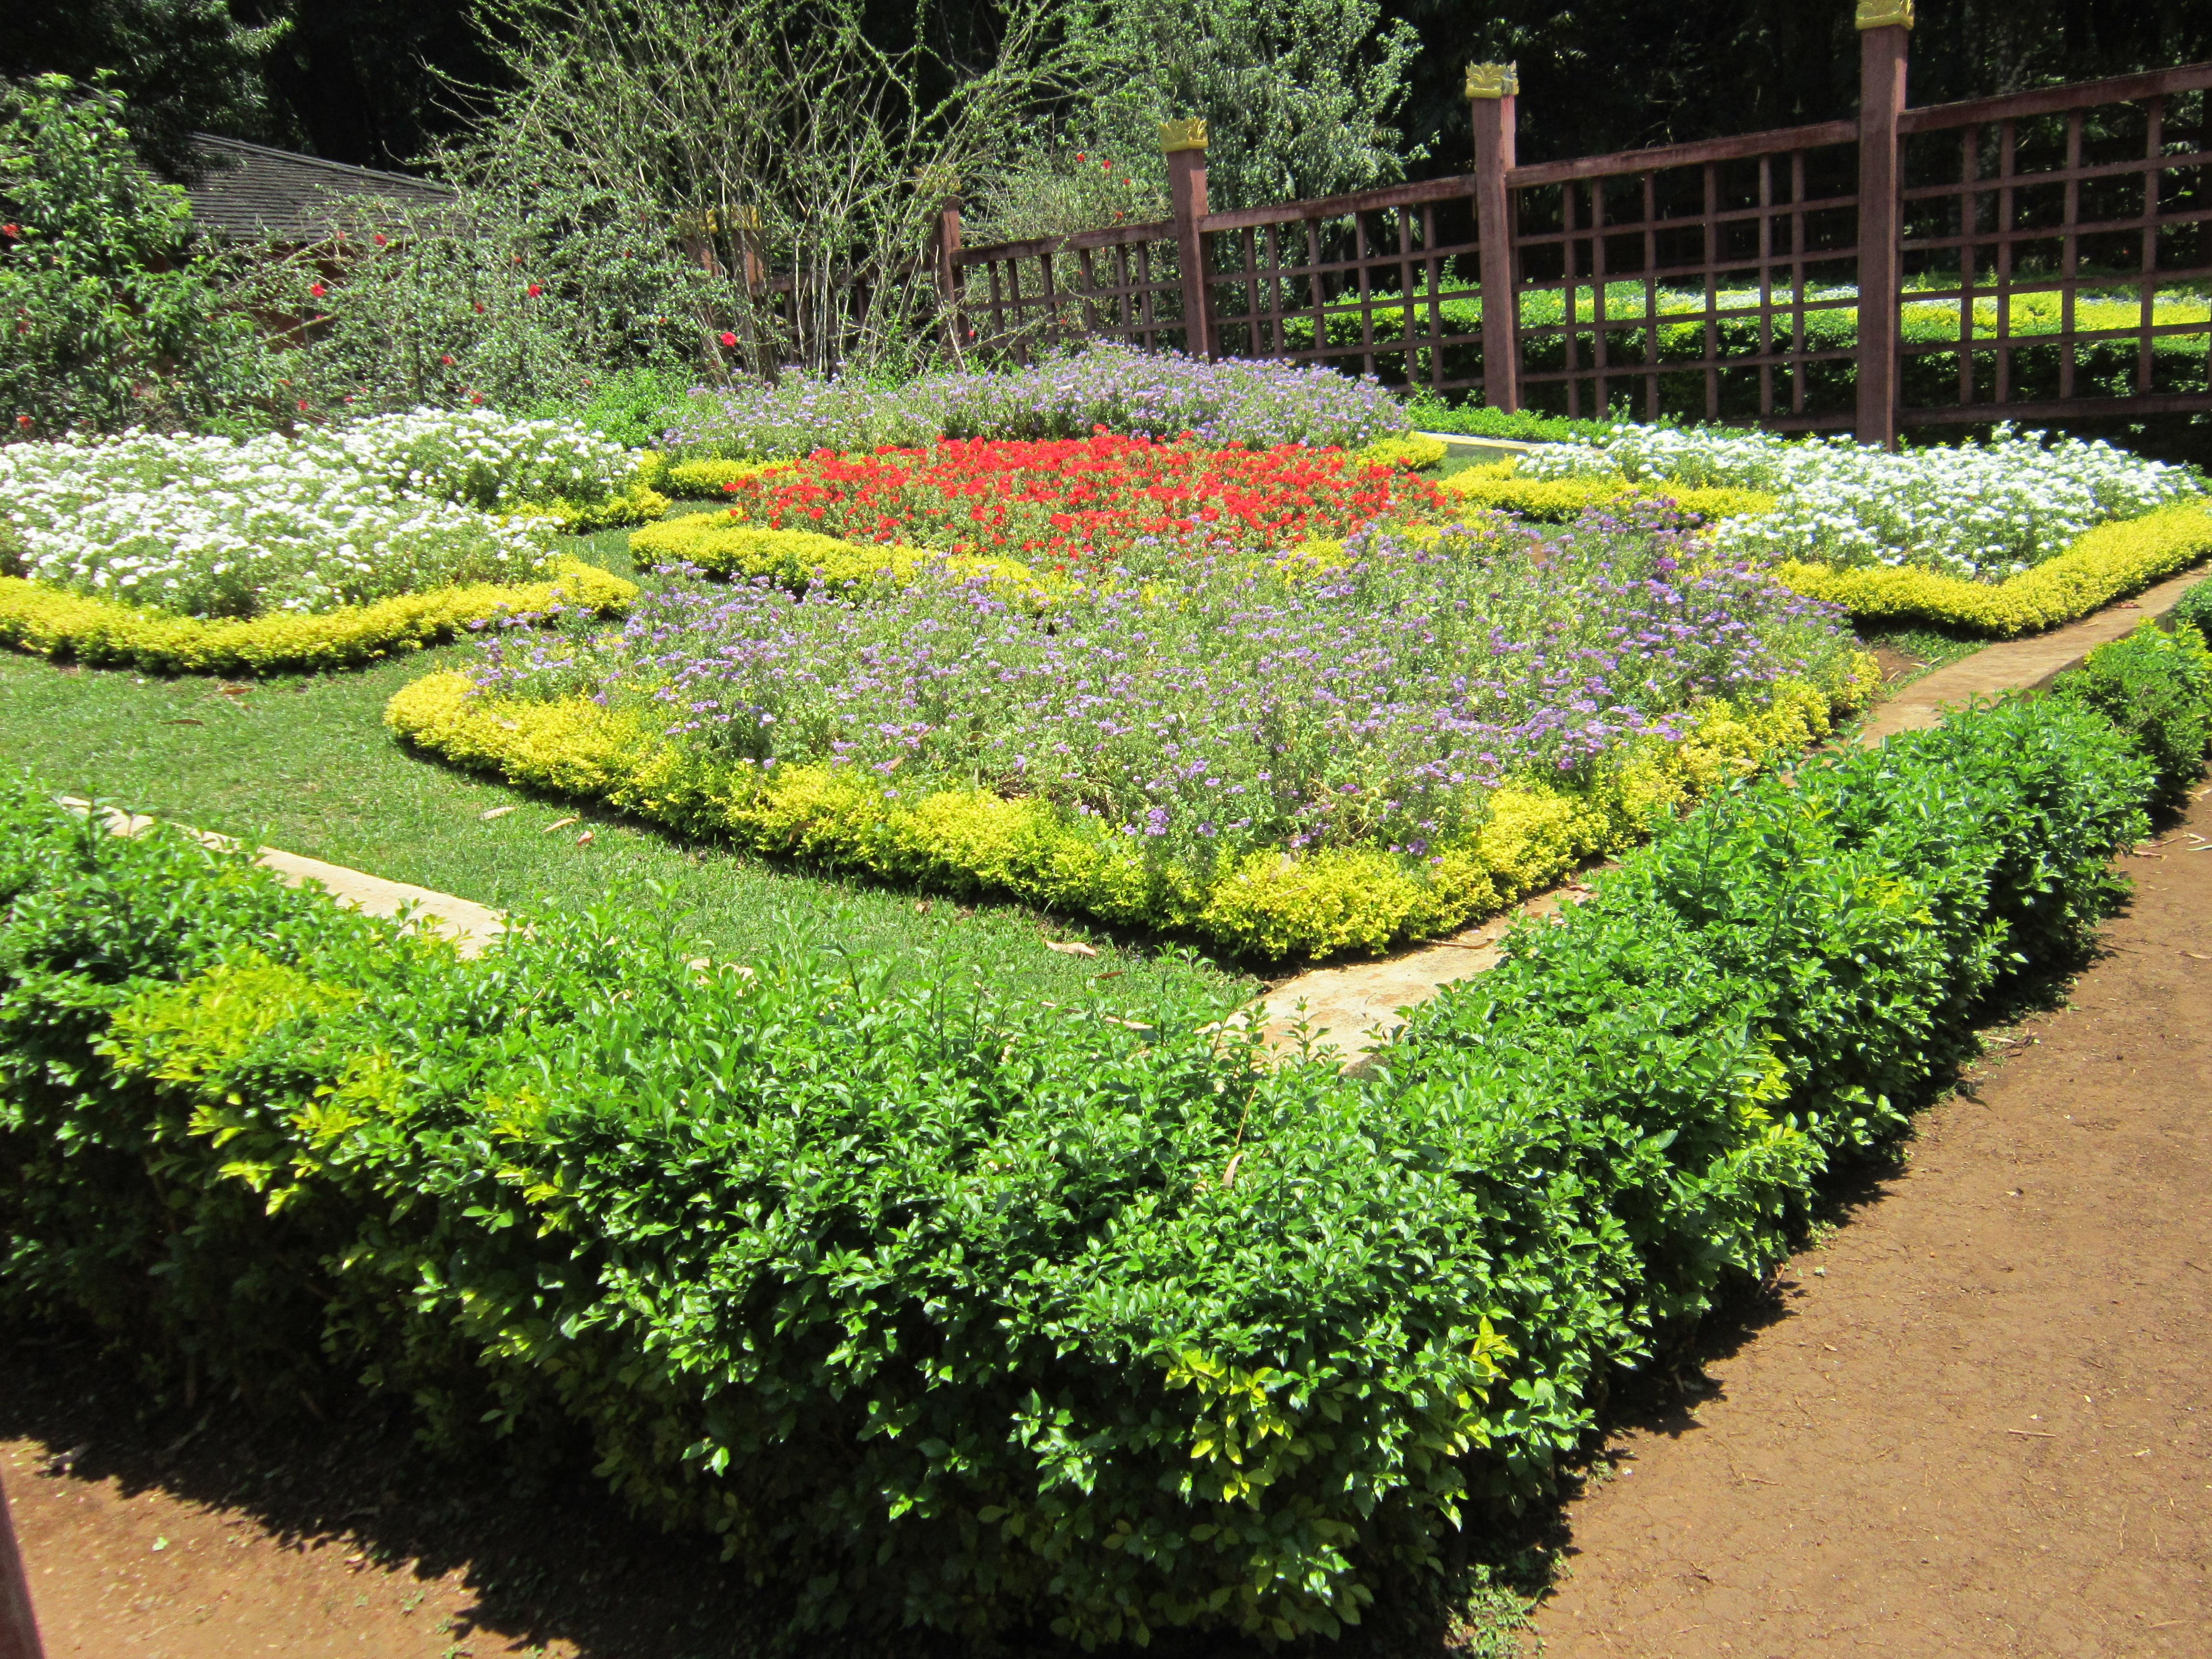 Pyin Oo Lwin - National Kandawgyi Botanical Gardens - flower arrangements